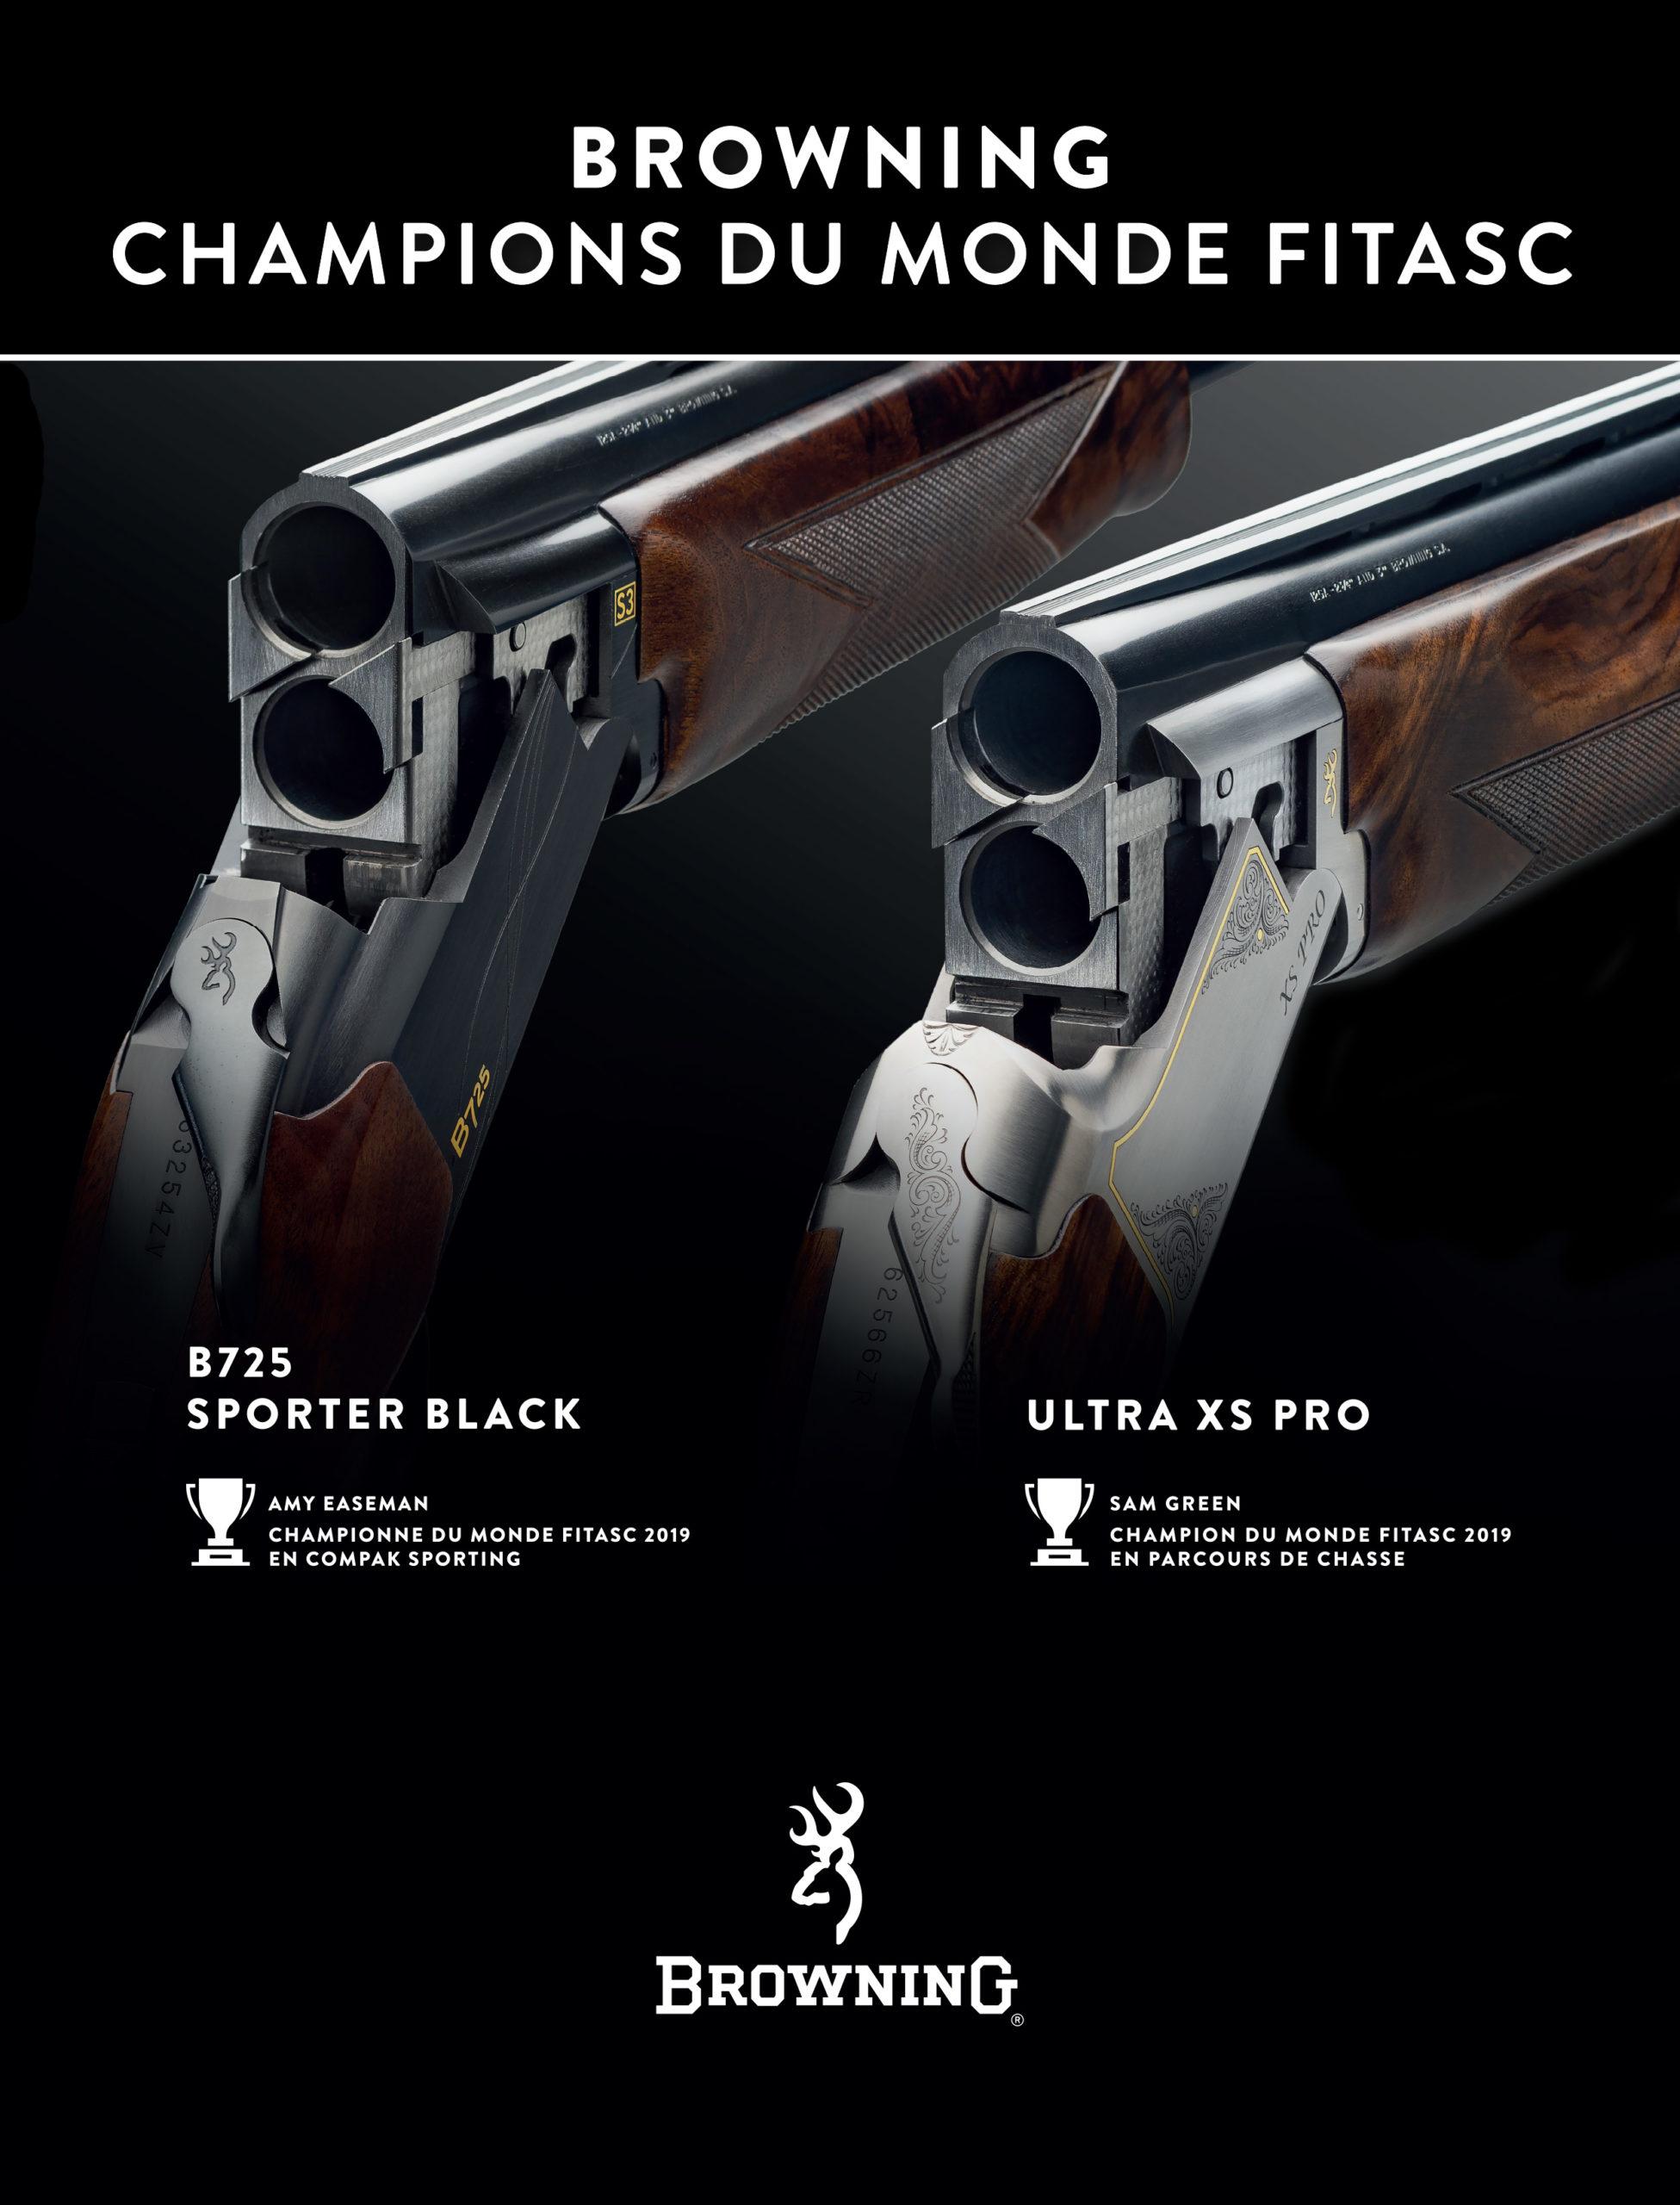 armes championnes du monde Fitasc